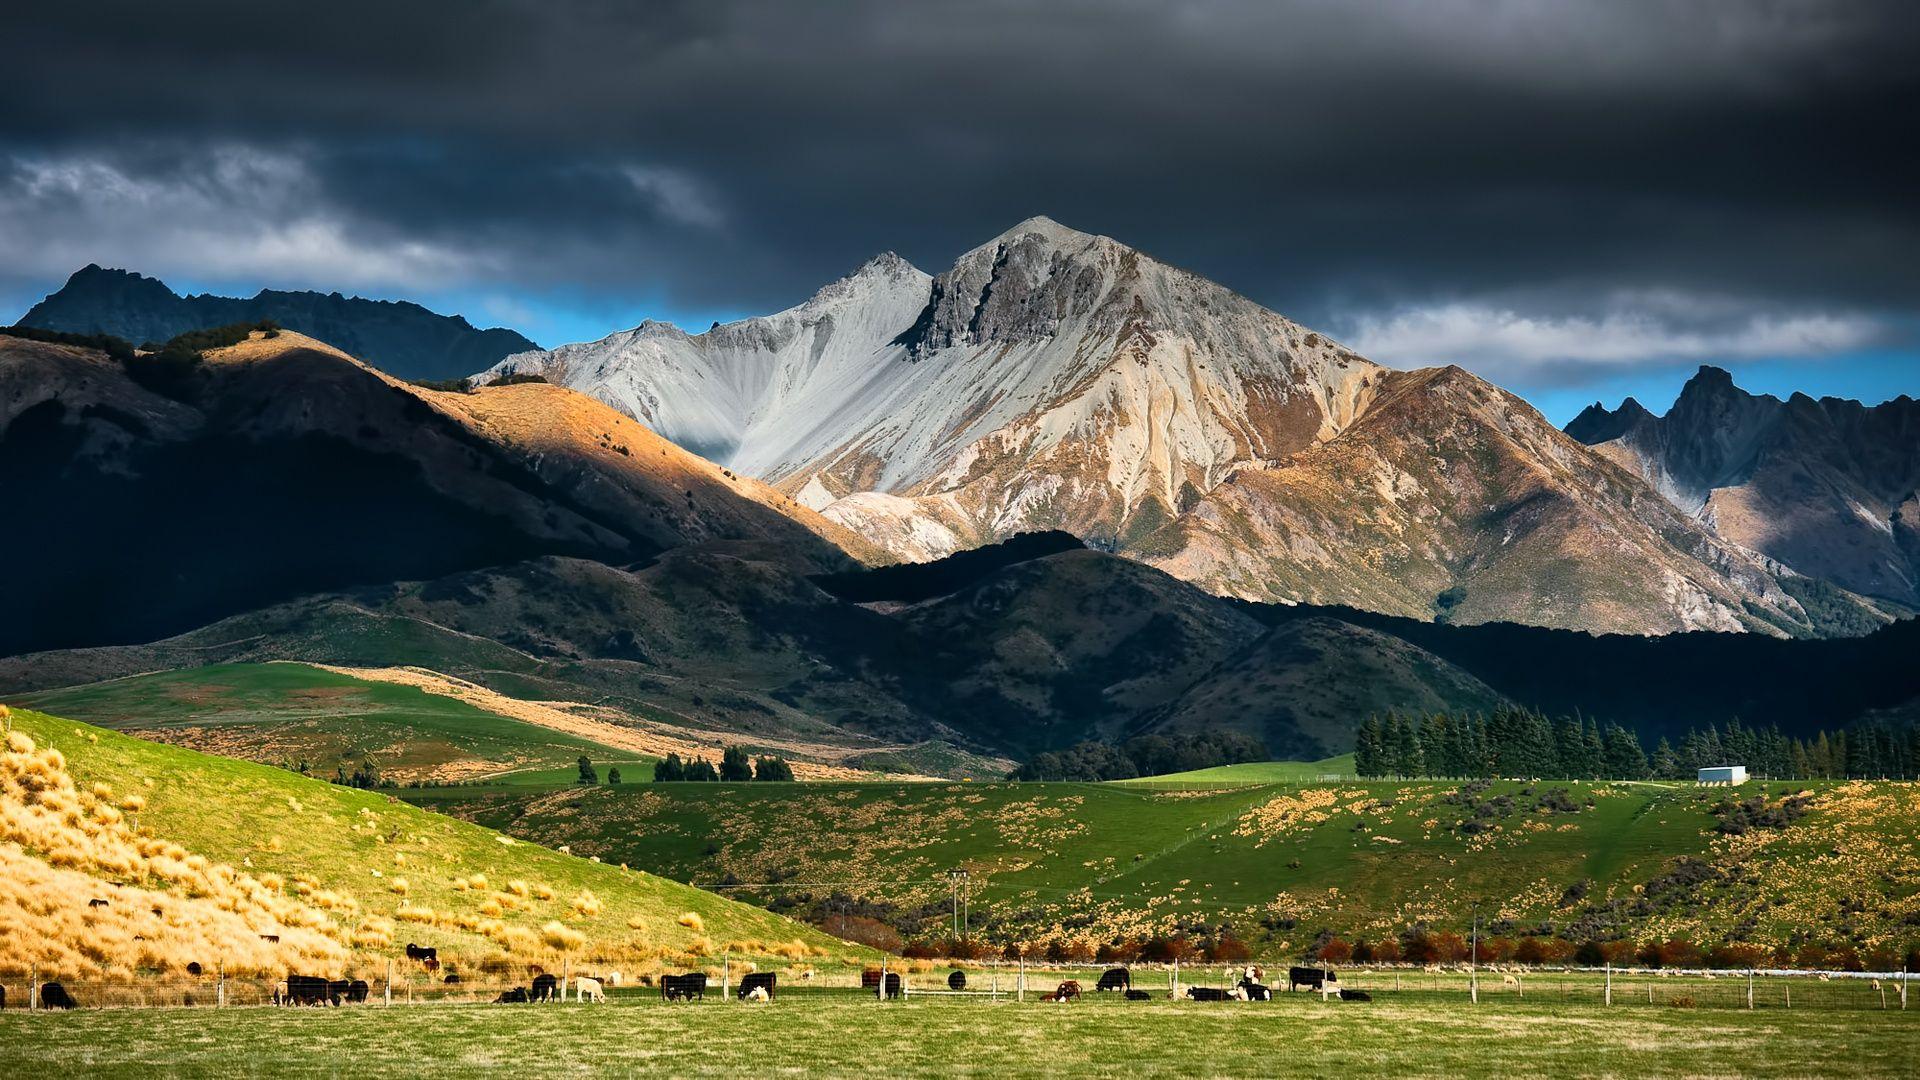 Nueva zelanda paisaje monta a cielo nubes pasto for Fondos de pantalla 7 maravillas del mundo